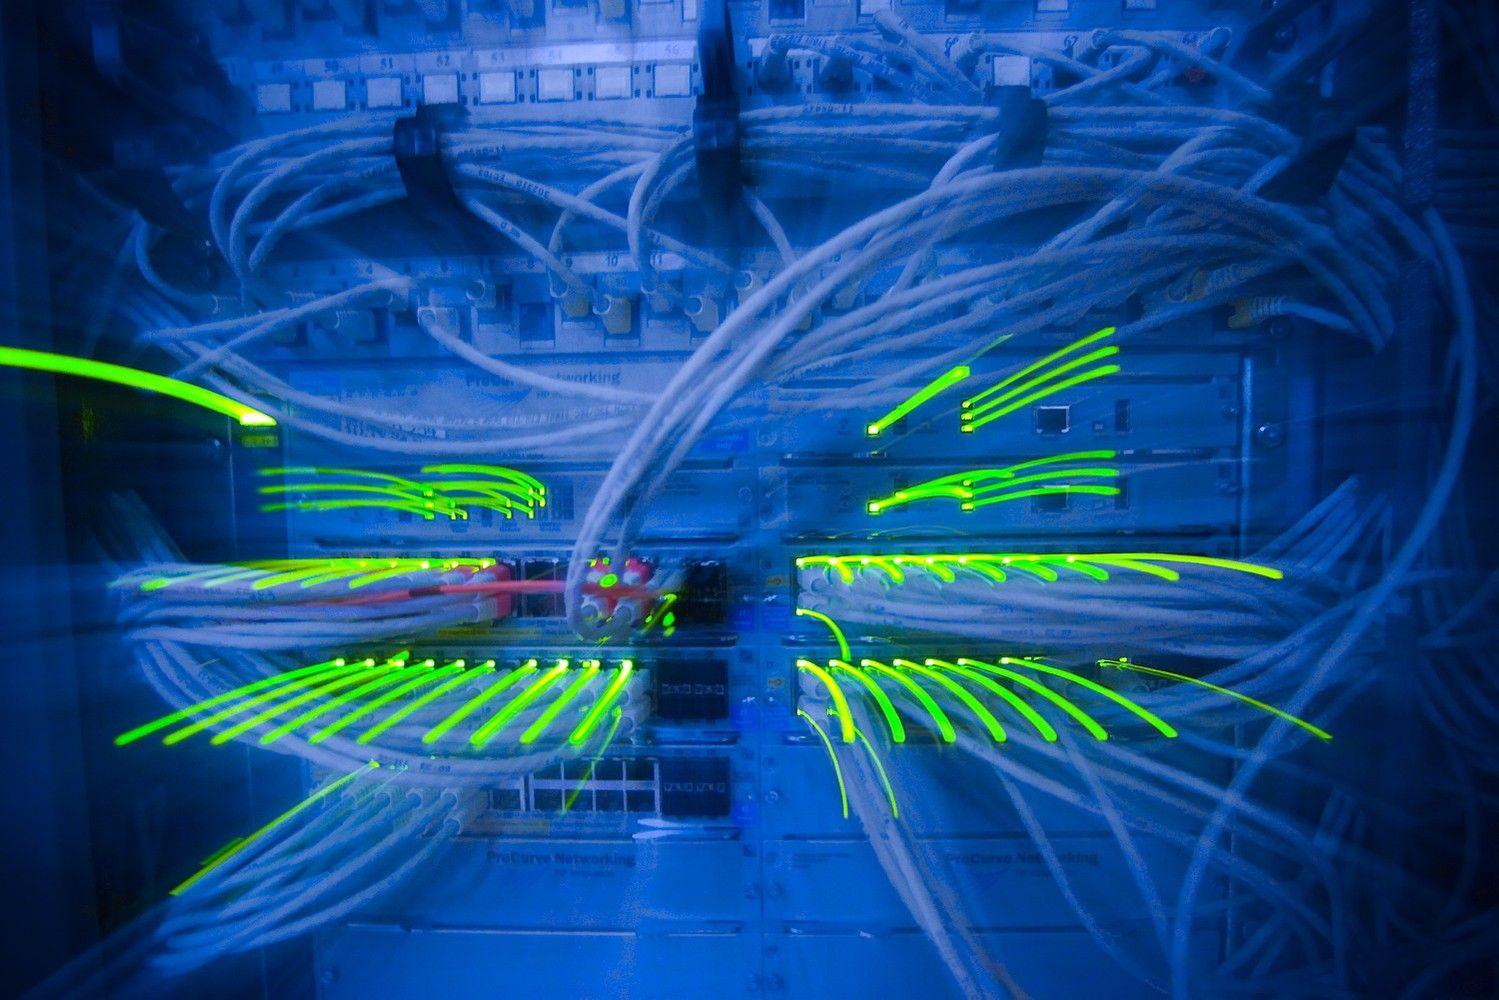 Bendrasis duomenų apsaugos reglamentas Lietuvoje: IT aspektai